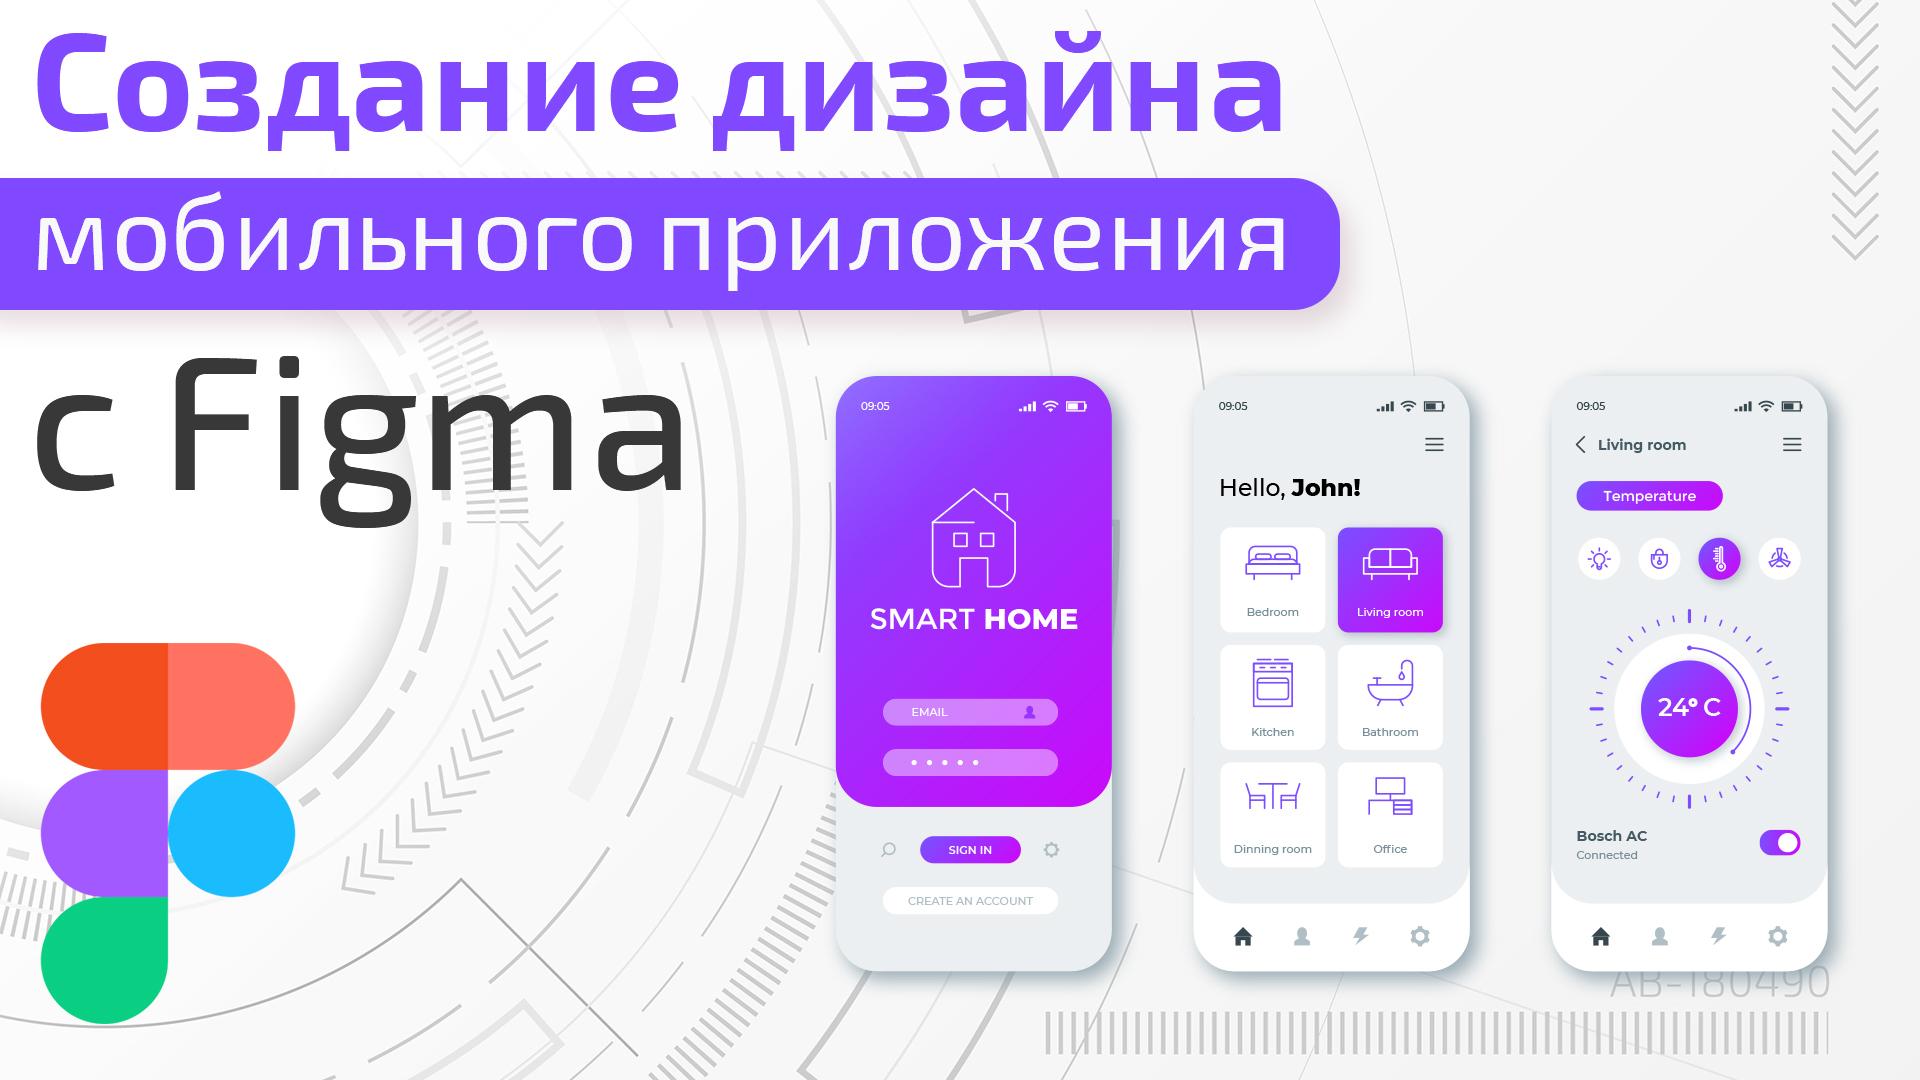 Создание дизайна мобильного приложения с Figma